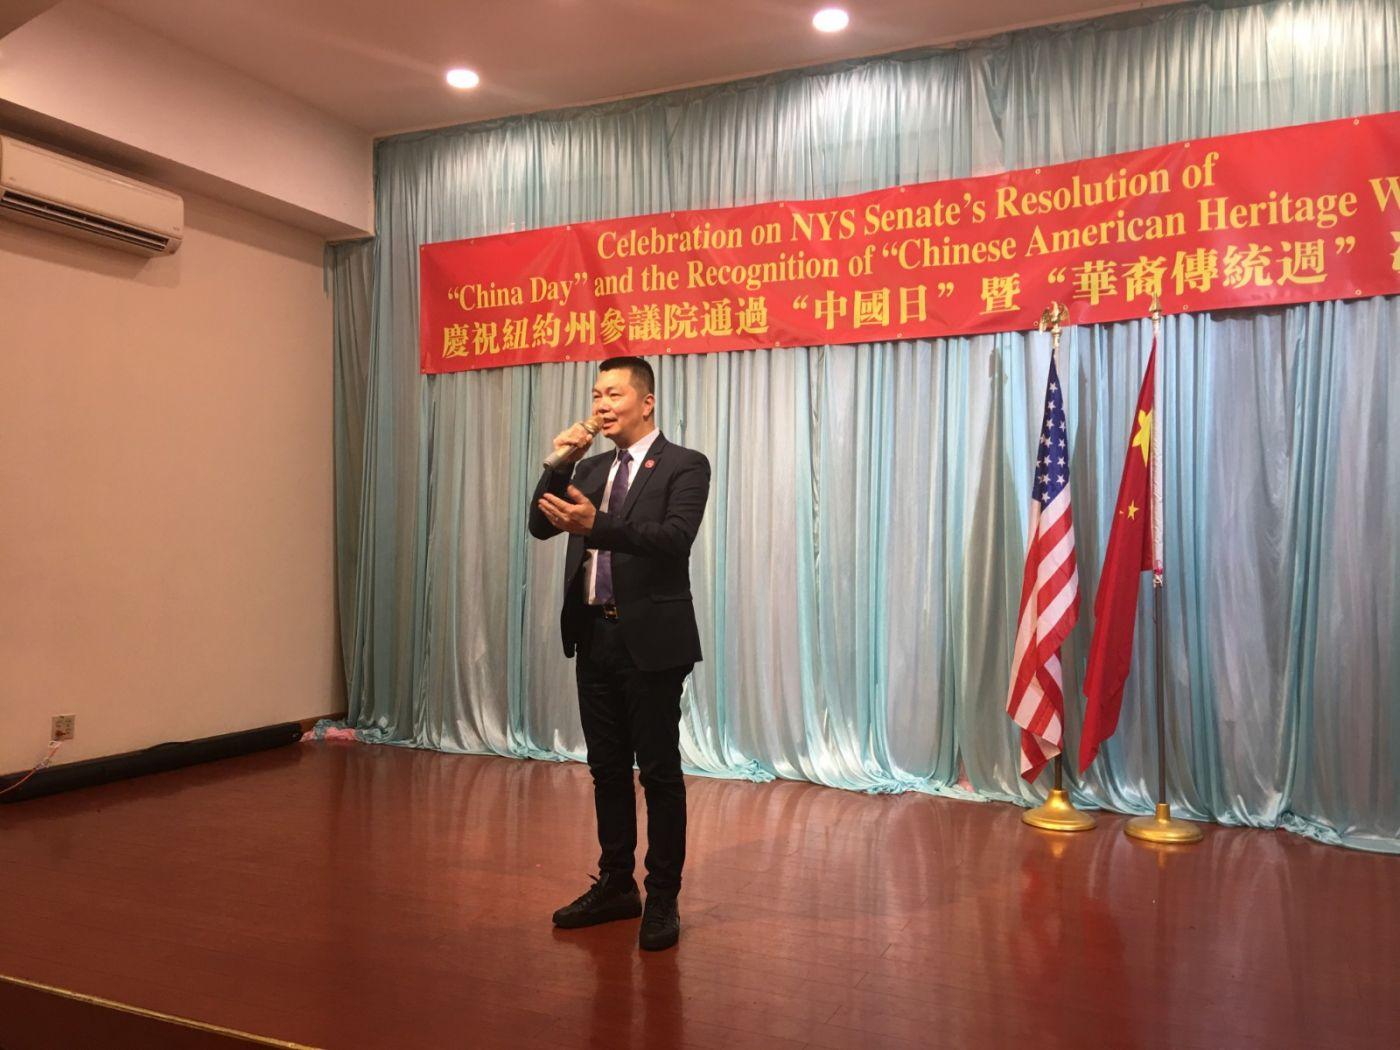 紐約州參議院通過「中國日」決議案慶祝会在紐約舉行_图1-26